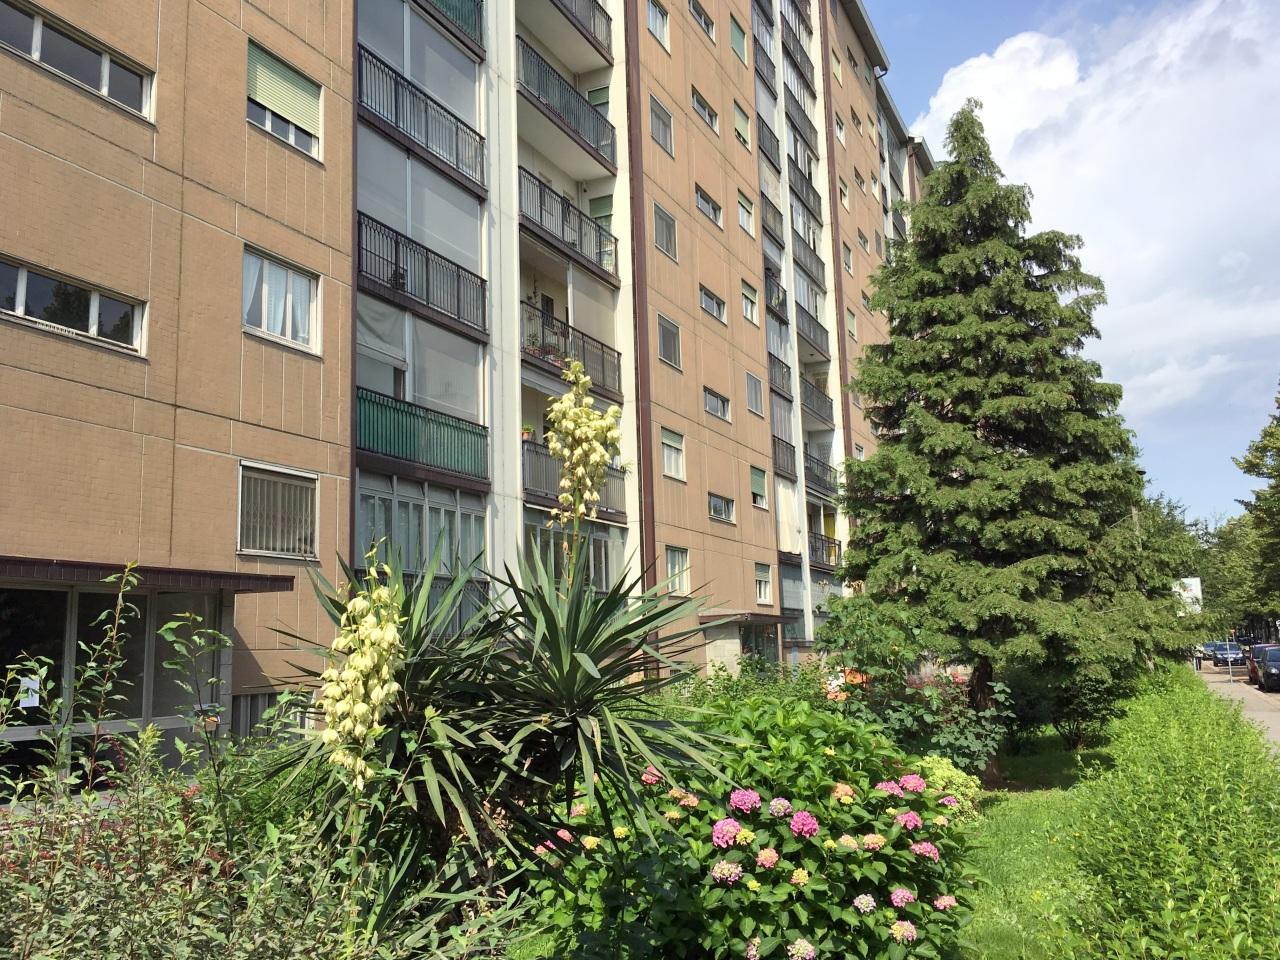 vendita appartamento torino   109000 euro  5 locali  120 mq